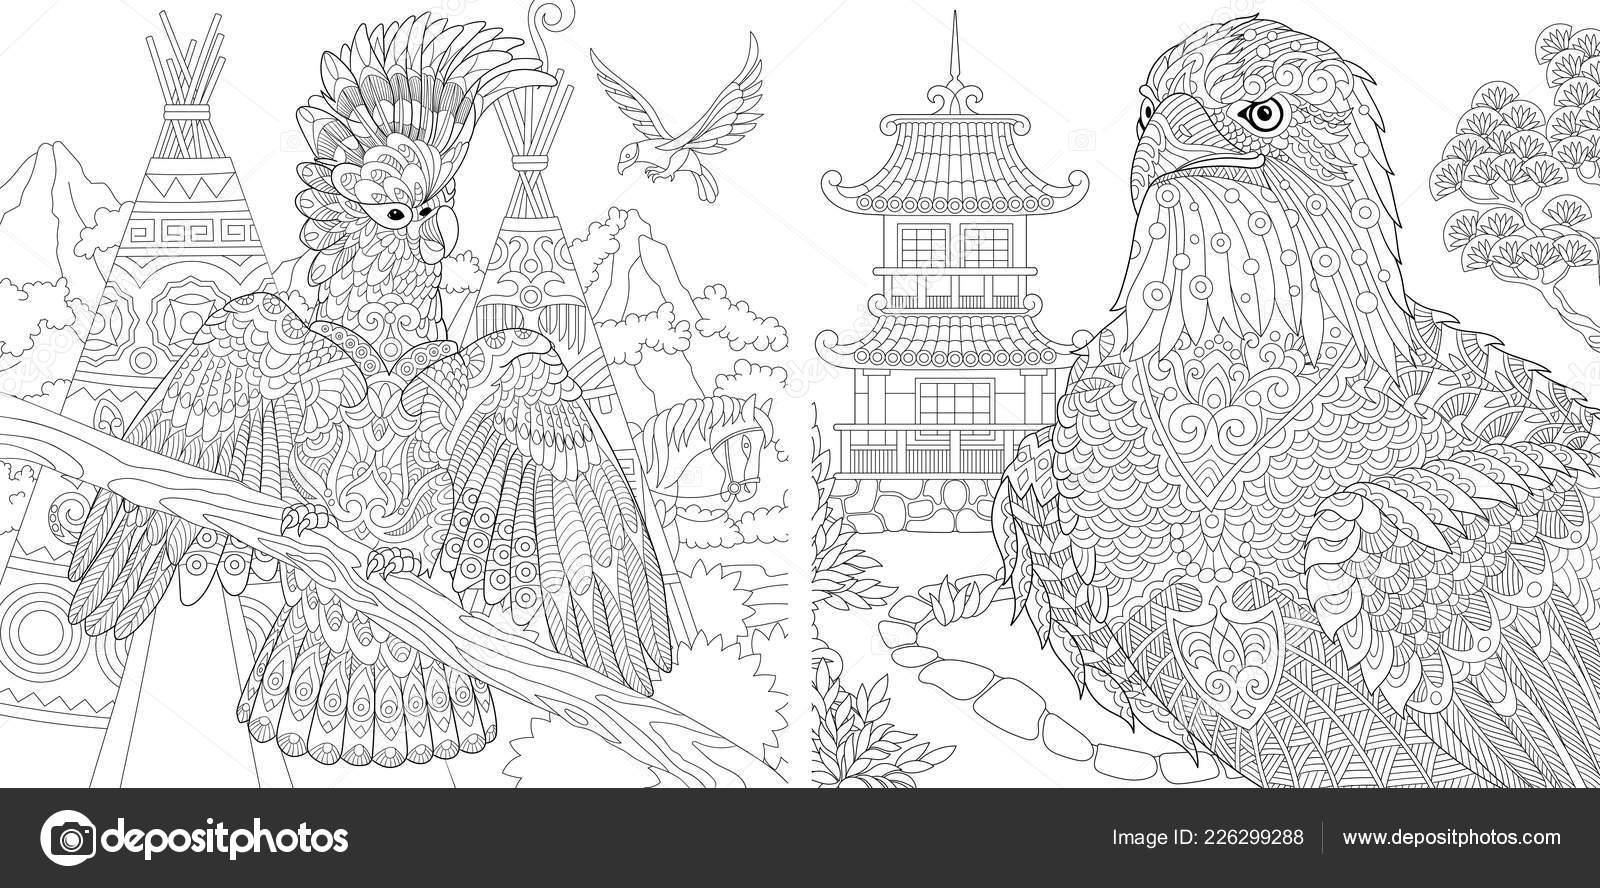 Malvorlagen Malbuch Für Erwachsene Ausmalbilder Mit Kakadu Und Adler